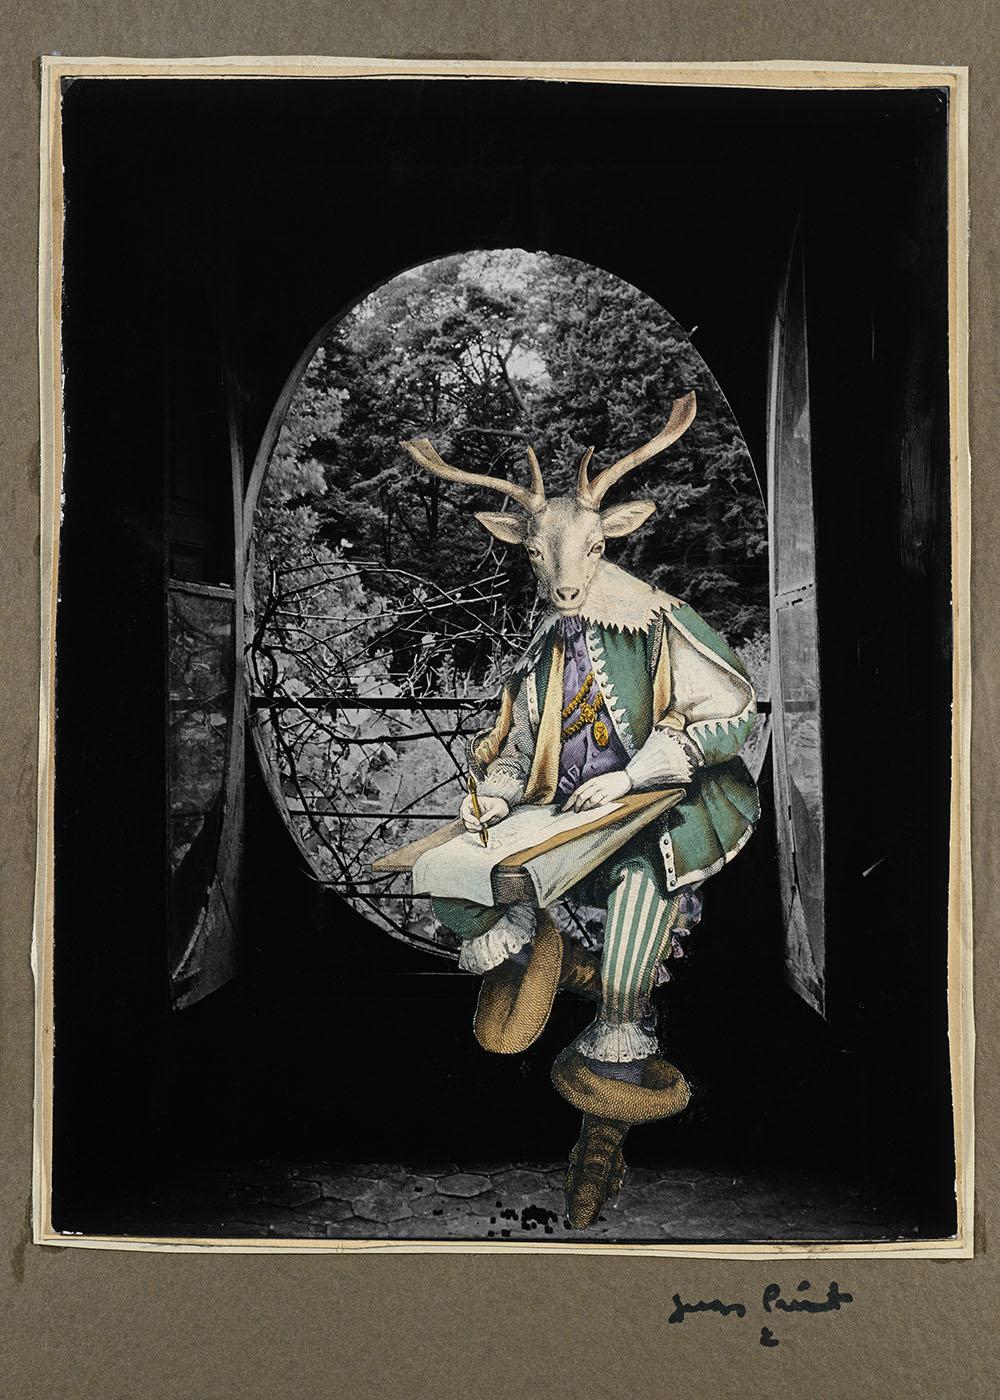 Jacques Prévert,  Le Désert de Retz , [?], collage sur photographie d'Izis, 50,6 x 34,6 cm, Collection privée Jacques Prévert. © Fatras/Succession Jacques Prévert